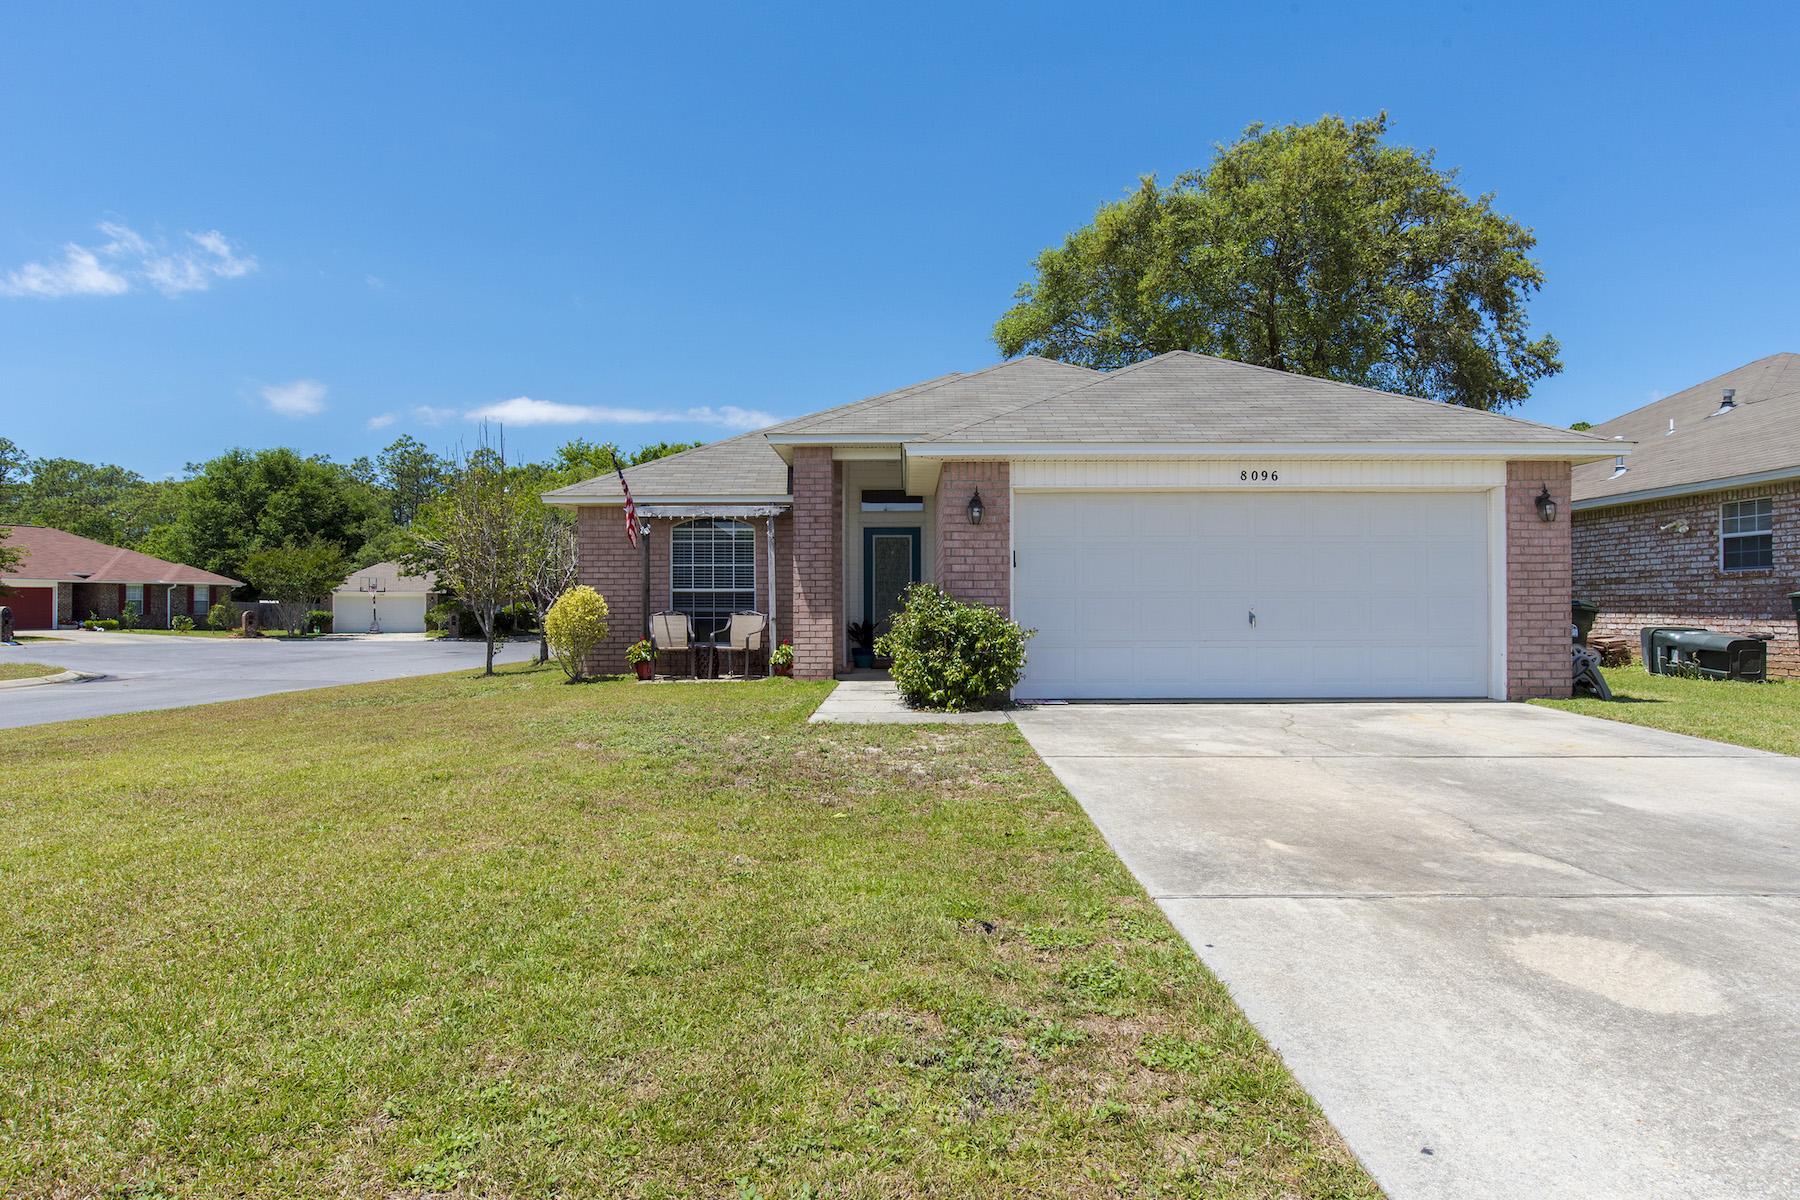 Casa Unifamiliar por un Venta en Crown Pointe 8096 Castle Pointe Way Pensacola, Florida, 32506 Estados Unidos